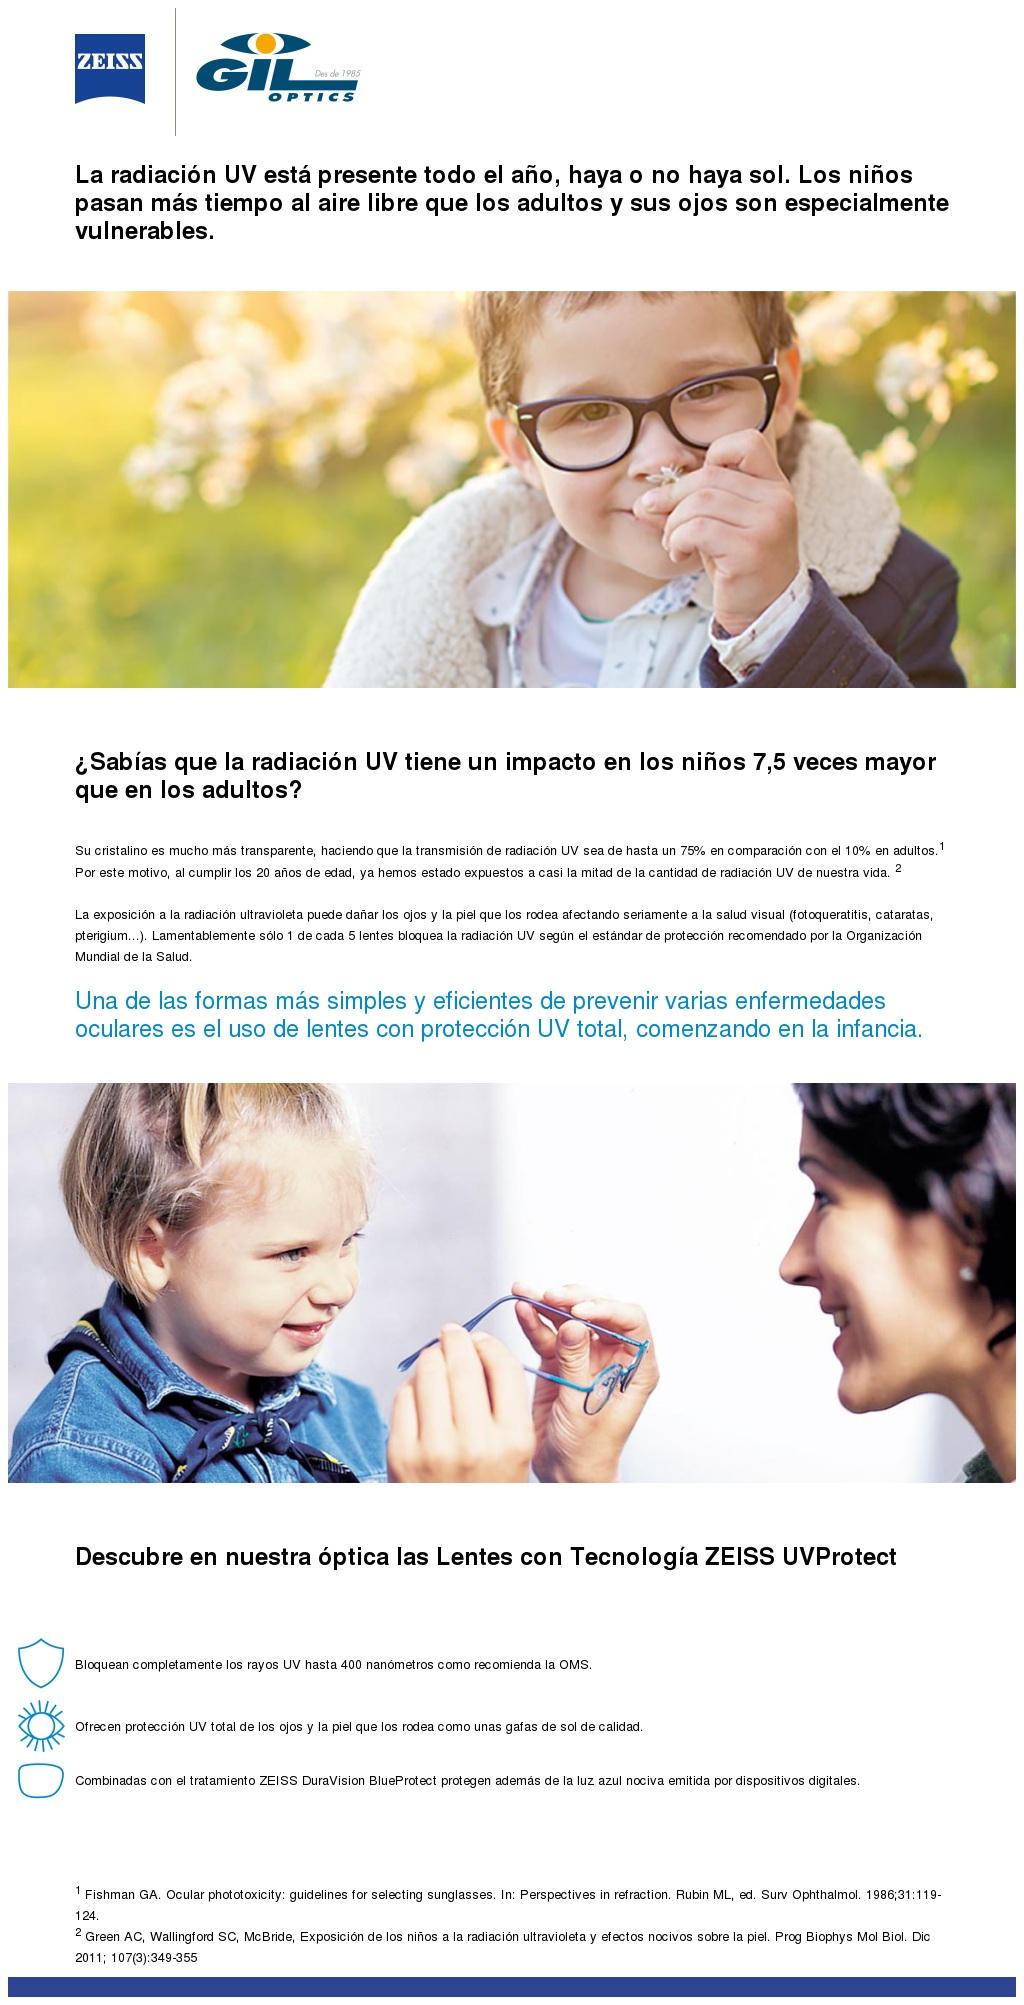 El impacto de los rayos UV en niños